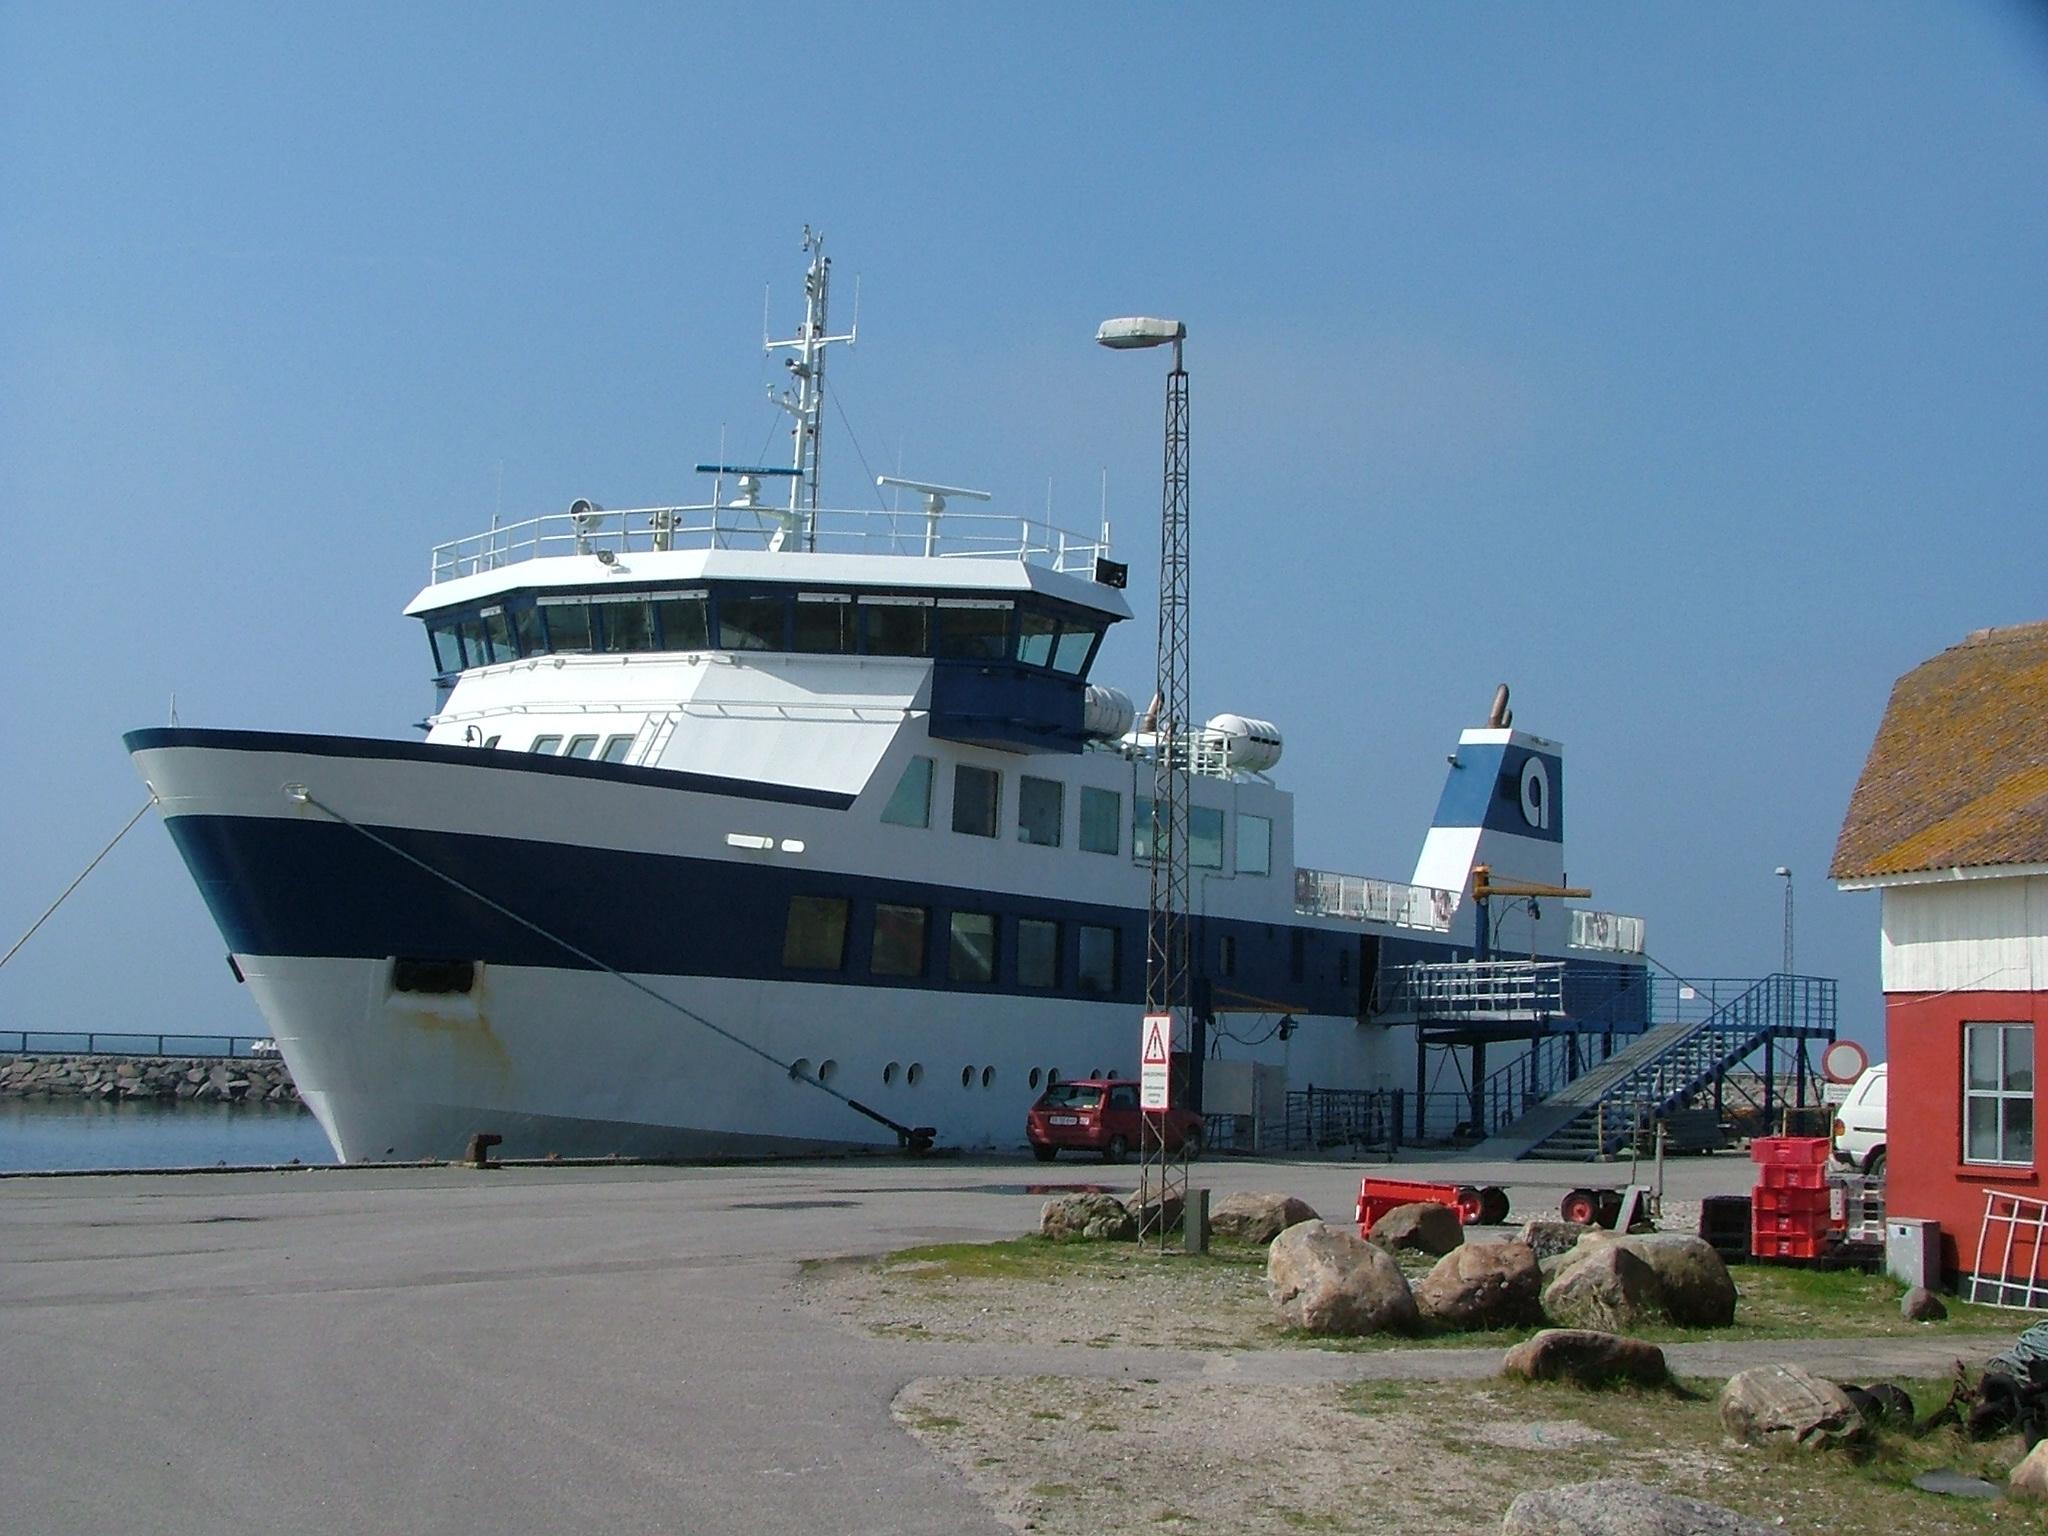 Anholt færgen får næste år en vikar, når der er behov for det. Foto: Færgesekretariatet.